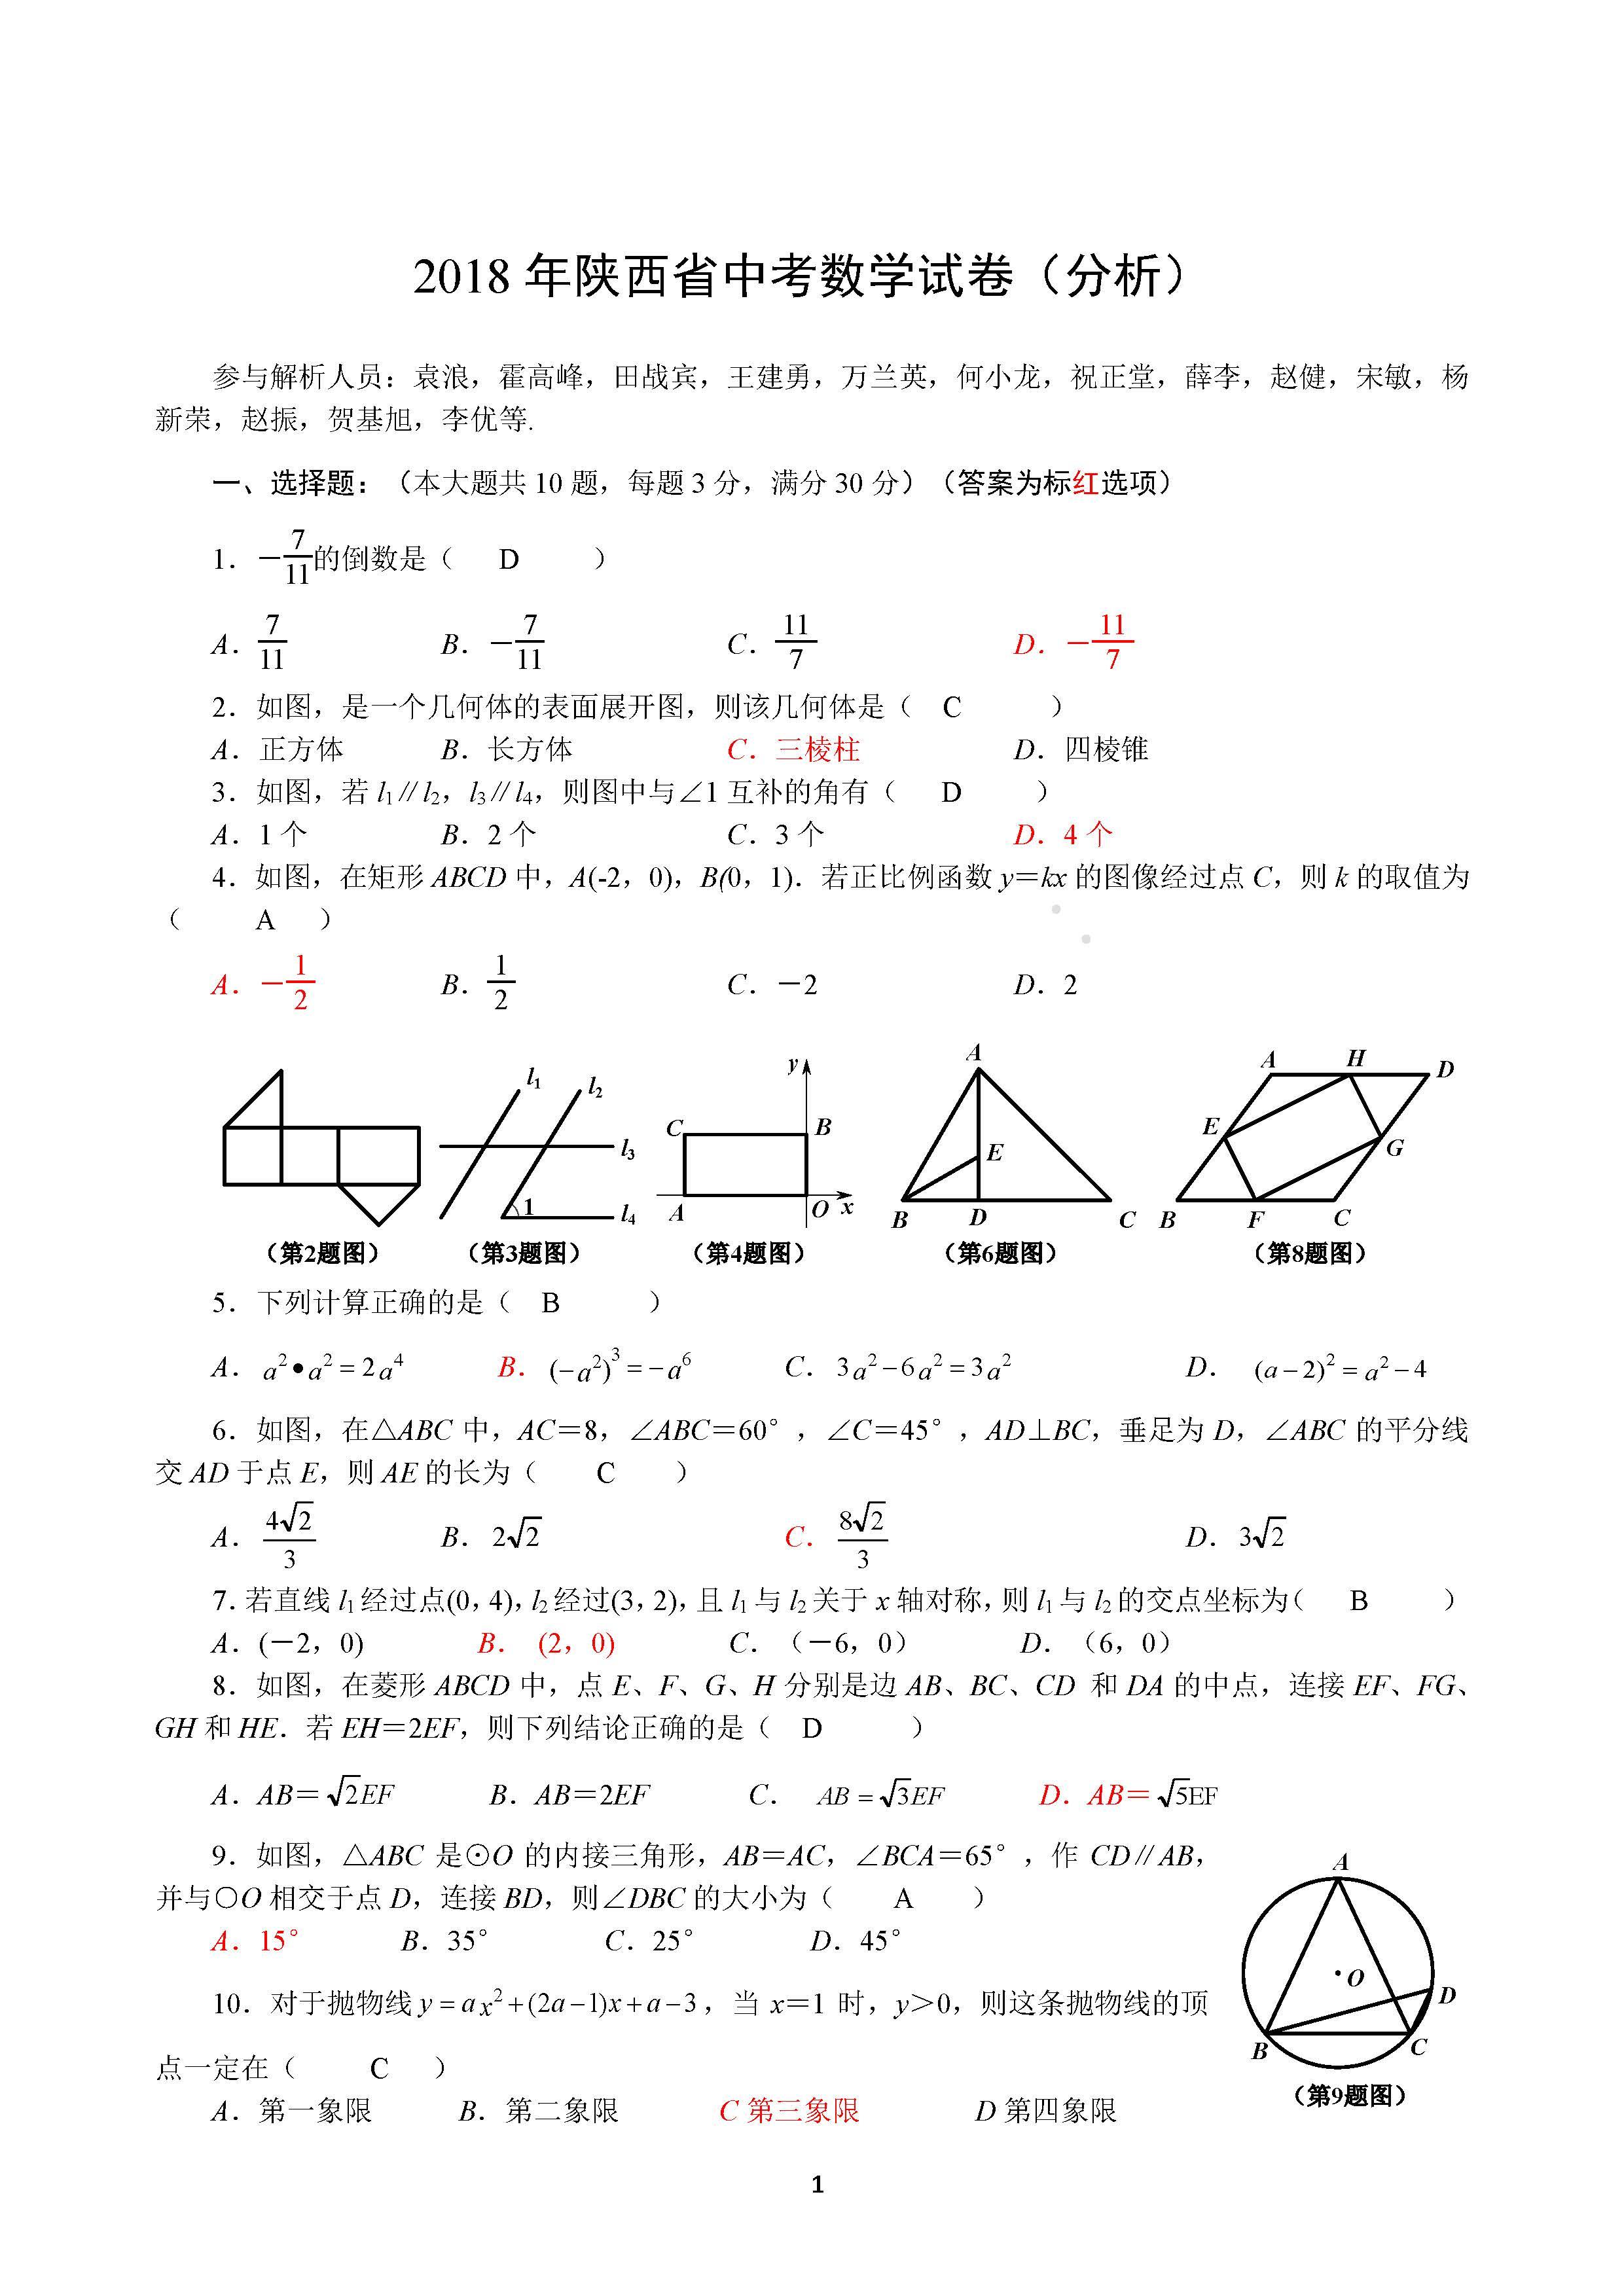 2018陕西中考数学试题及答案解析(图片版含答案)